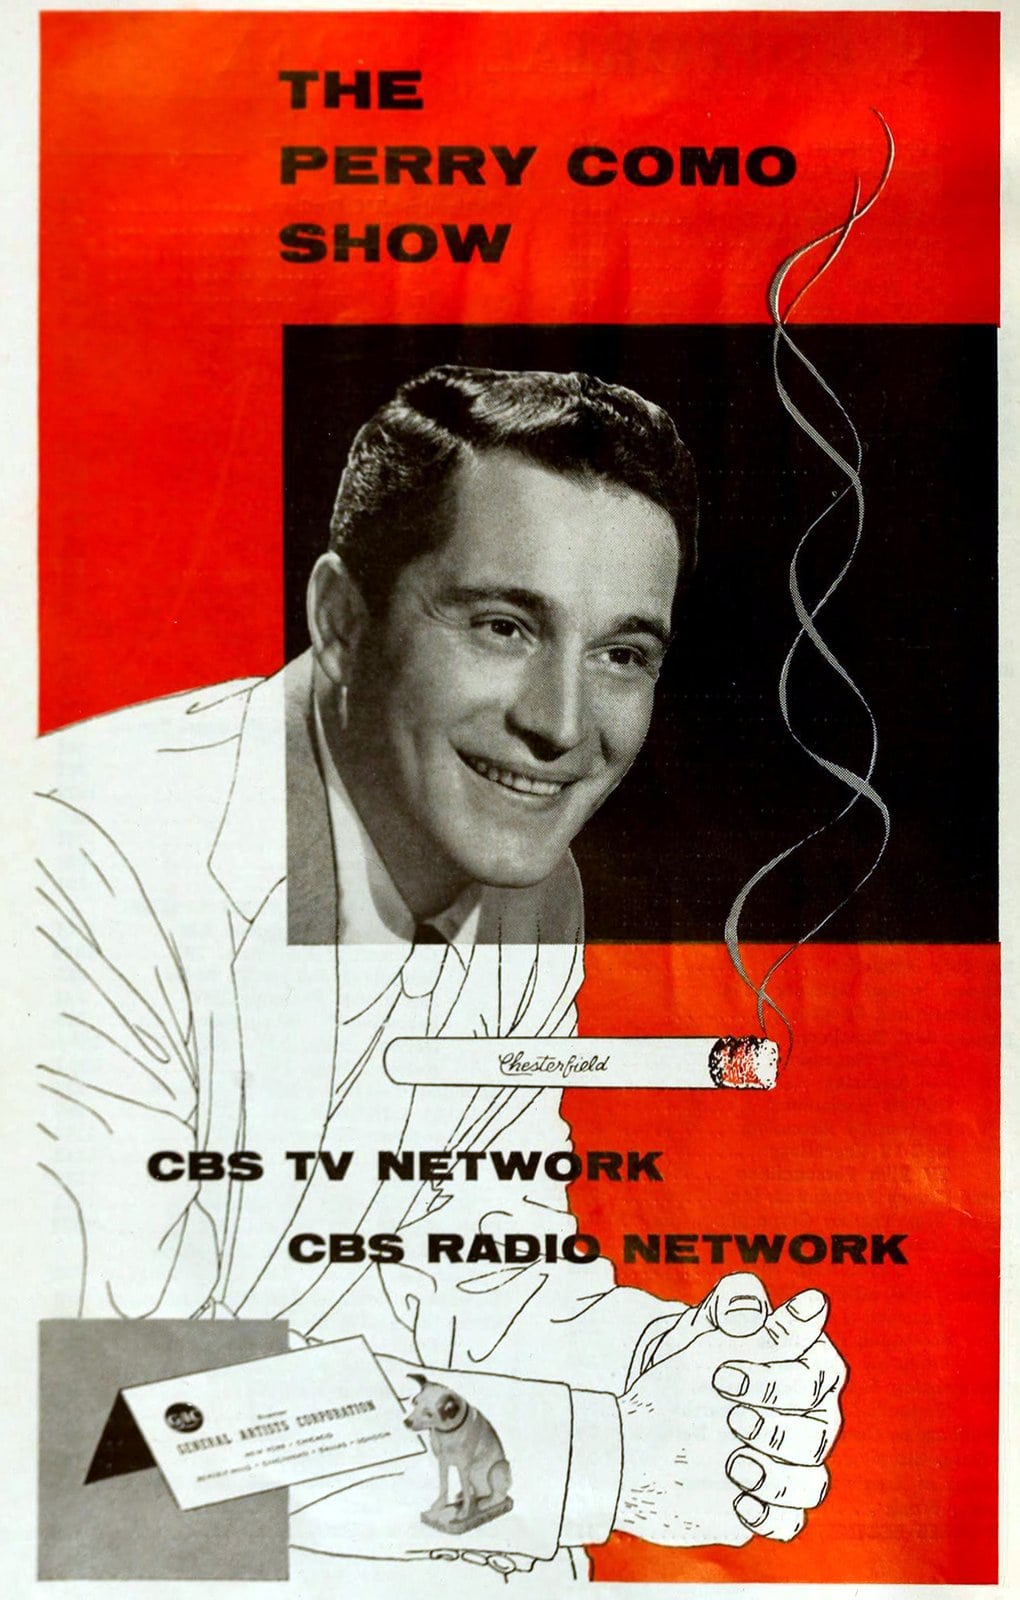 The Perry Como show - CBS radio (1955)